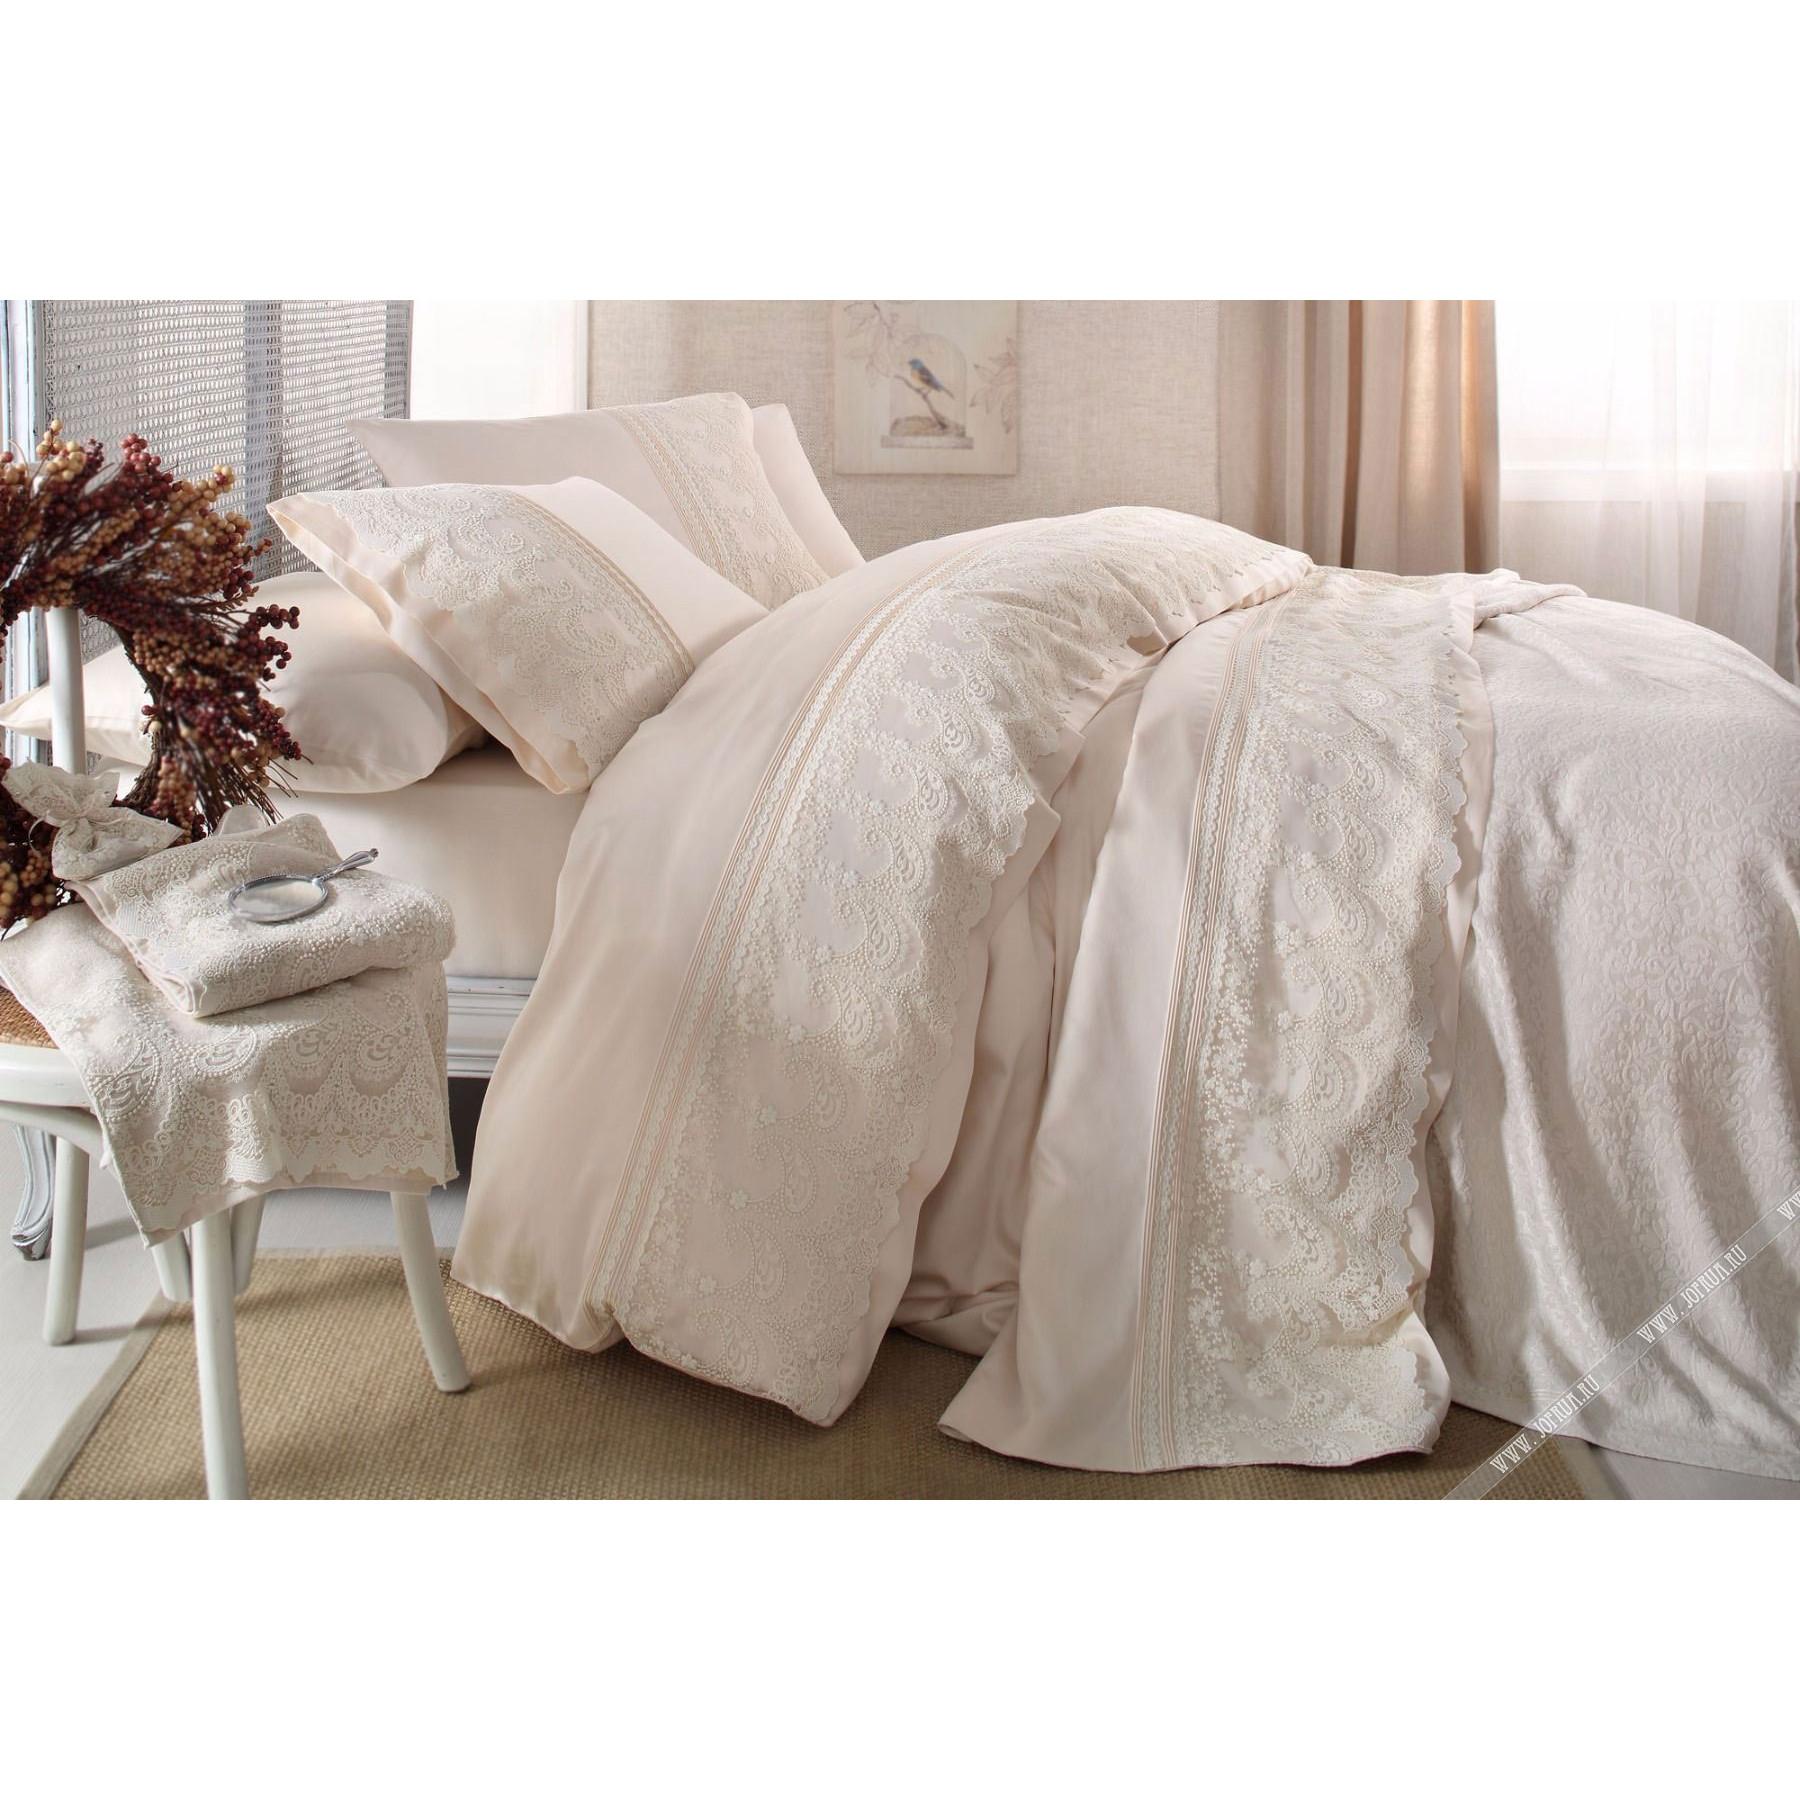 Свадебное постельное бельё в подарок